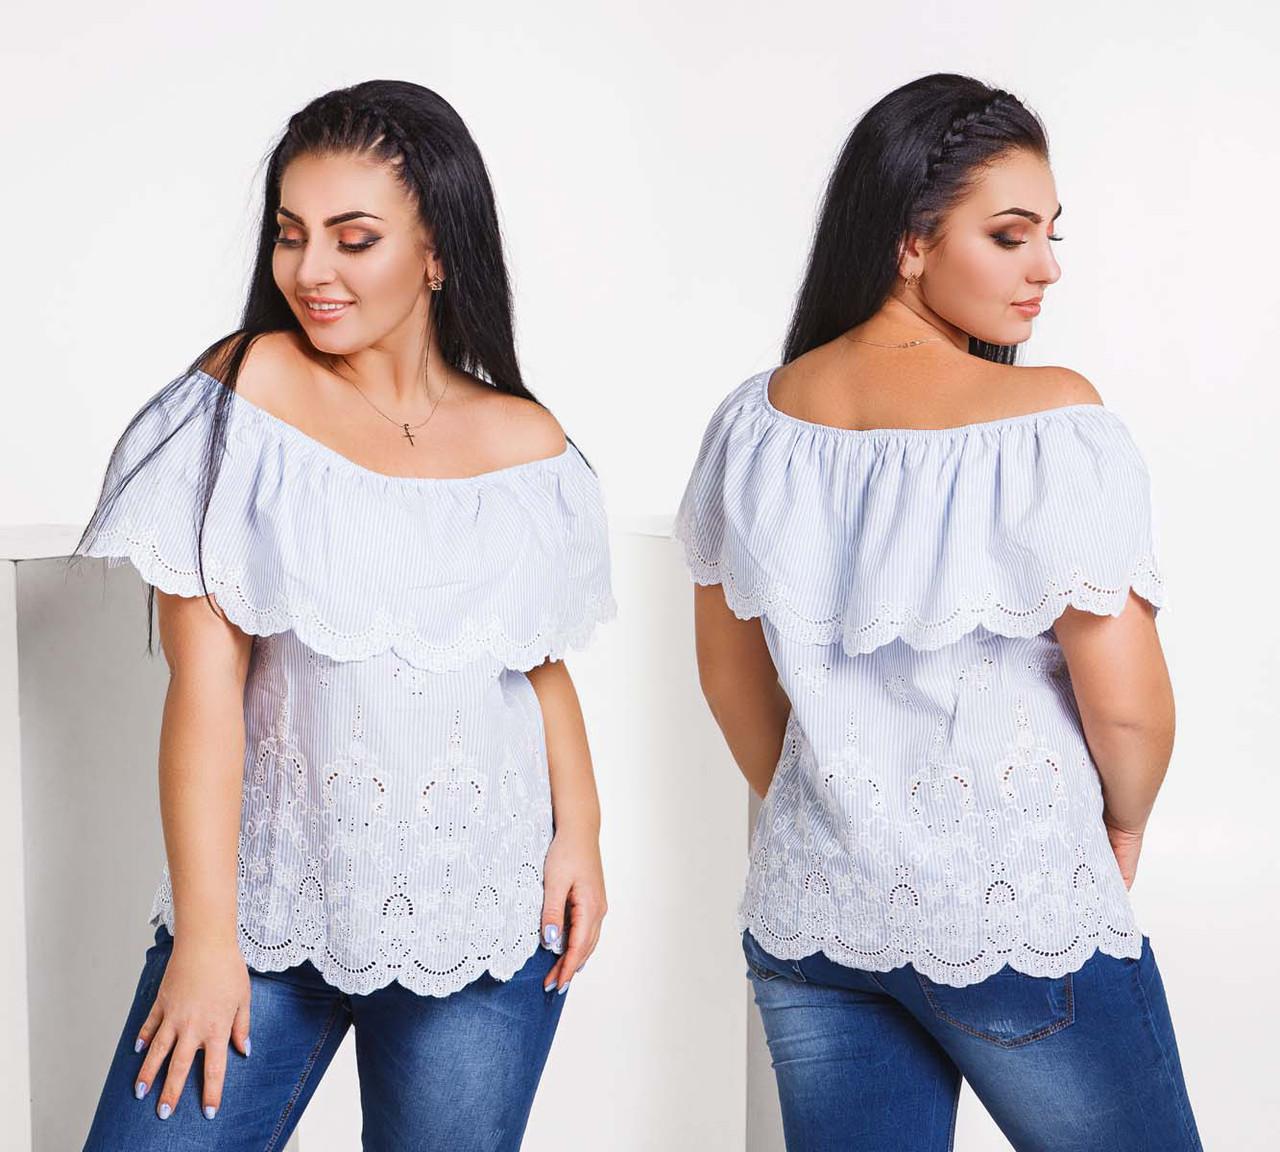 """Летняя женская блузка в больших размерах 1567 """"Коттон Полоска Волан Вышивка Купон"""""""